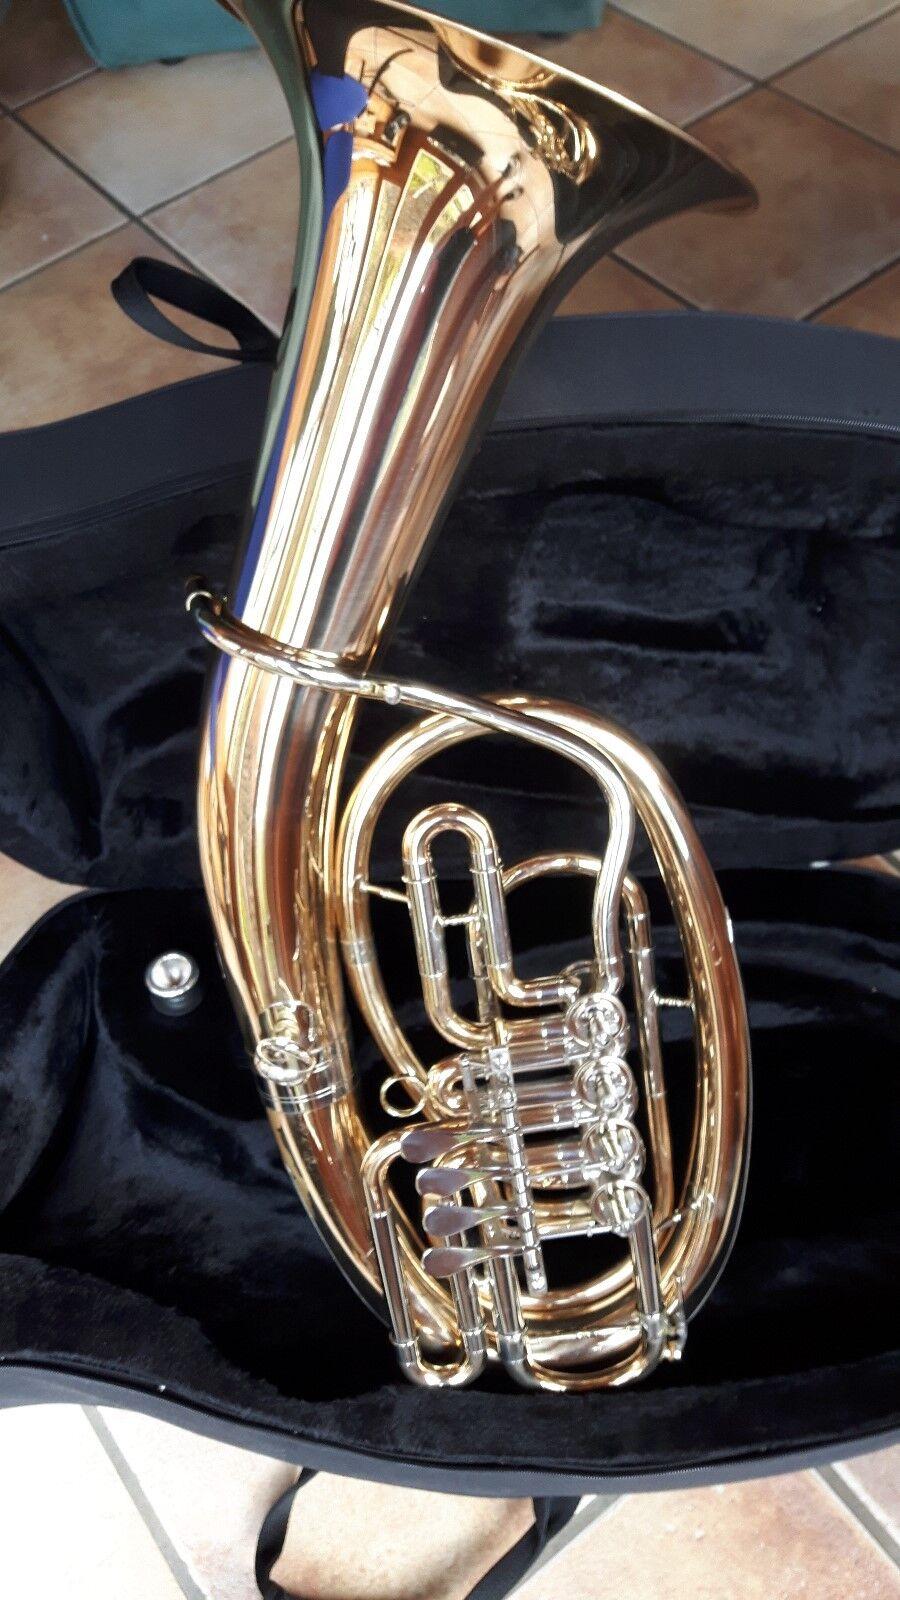 Blasinstrumente Amati Kraslice Tenorhorn Bariton 4-ventile Mit Koffer Und Mundstück Jk Baritone